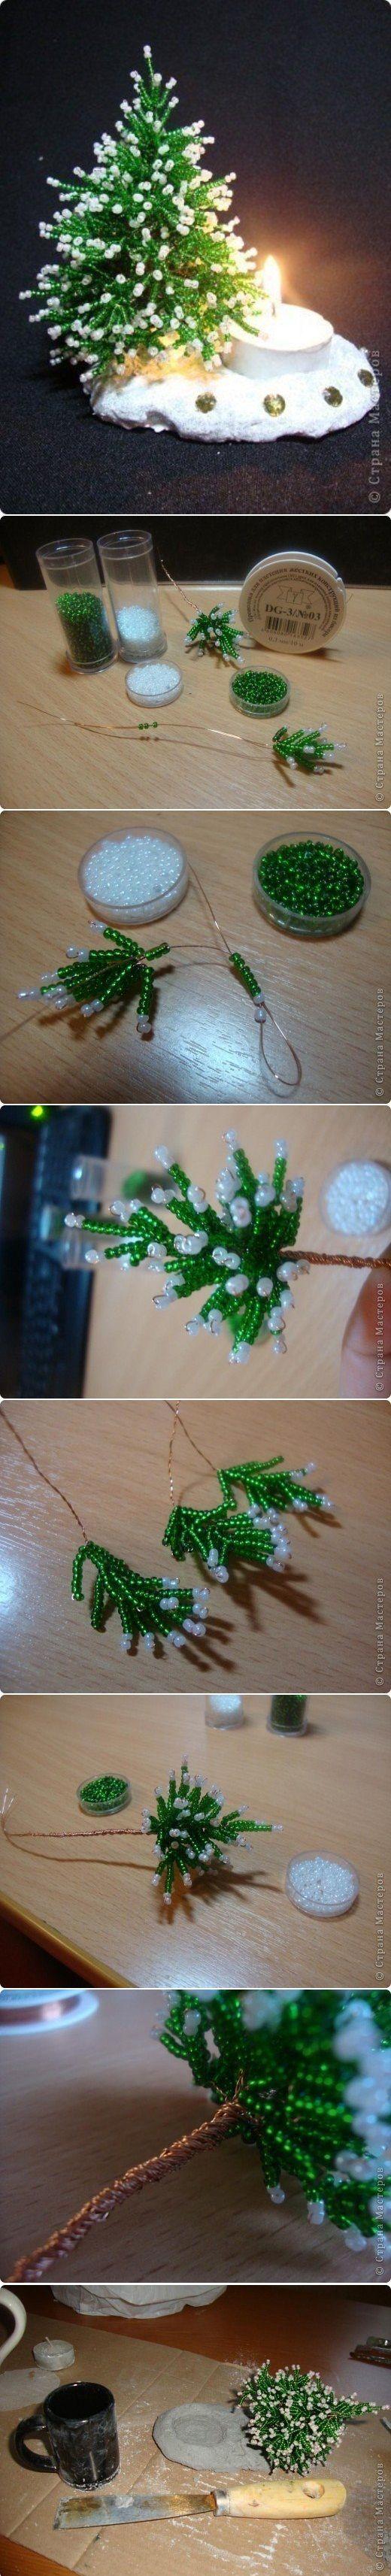 Mini albero di Natale